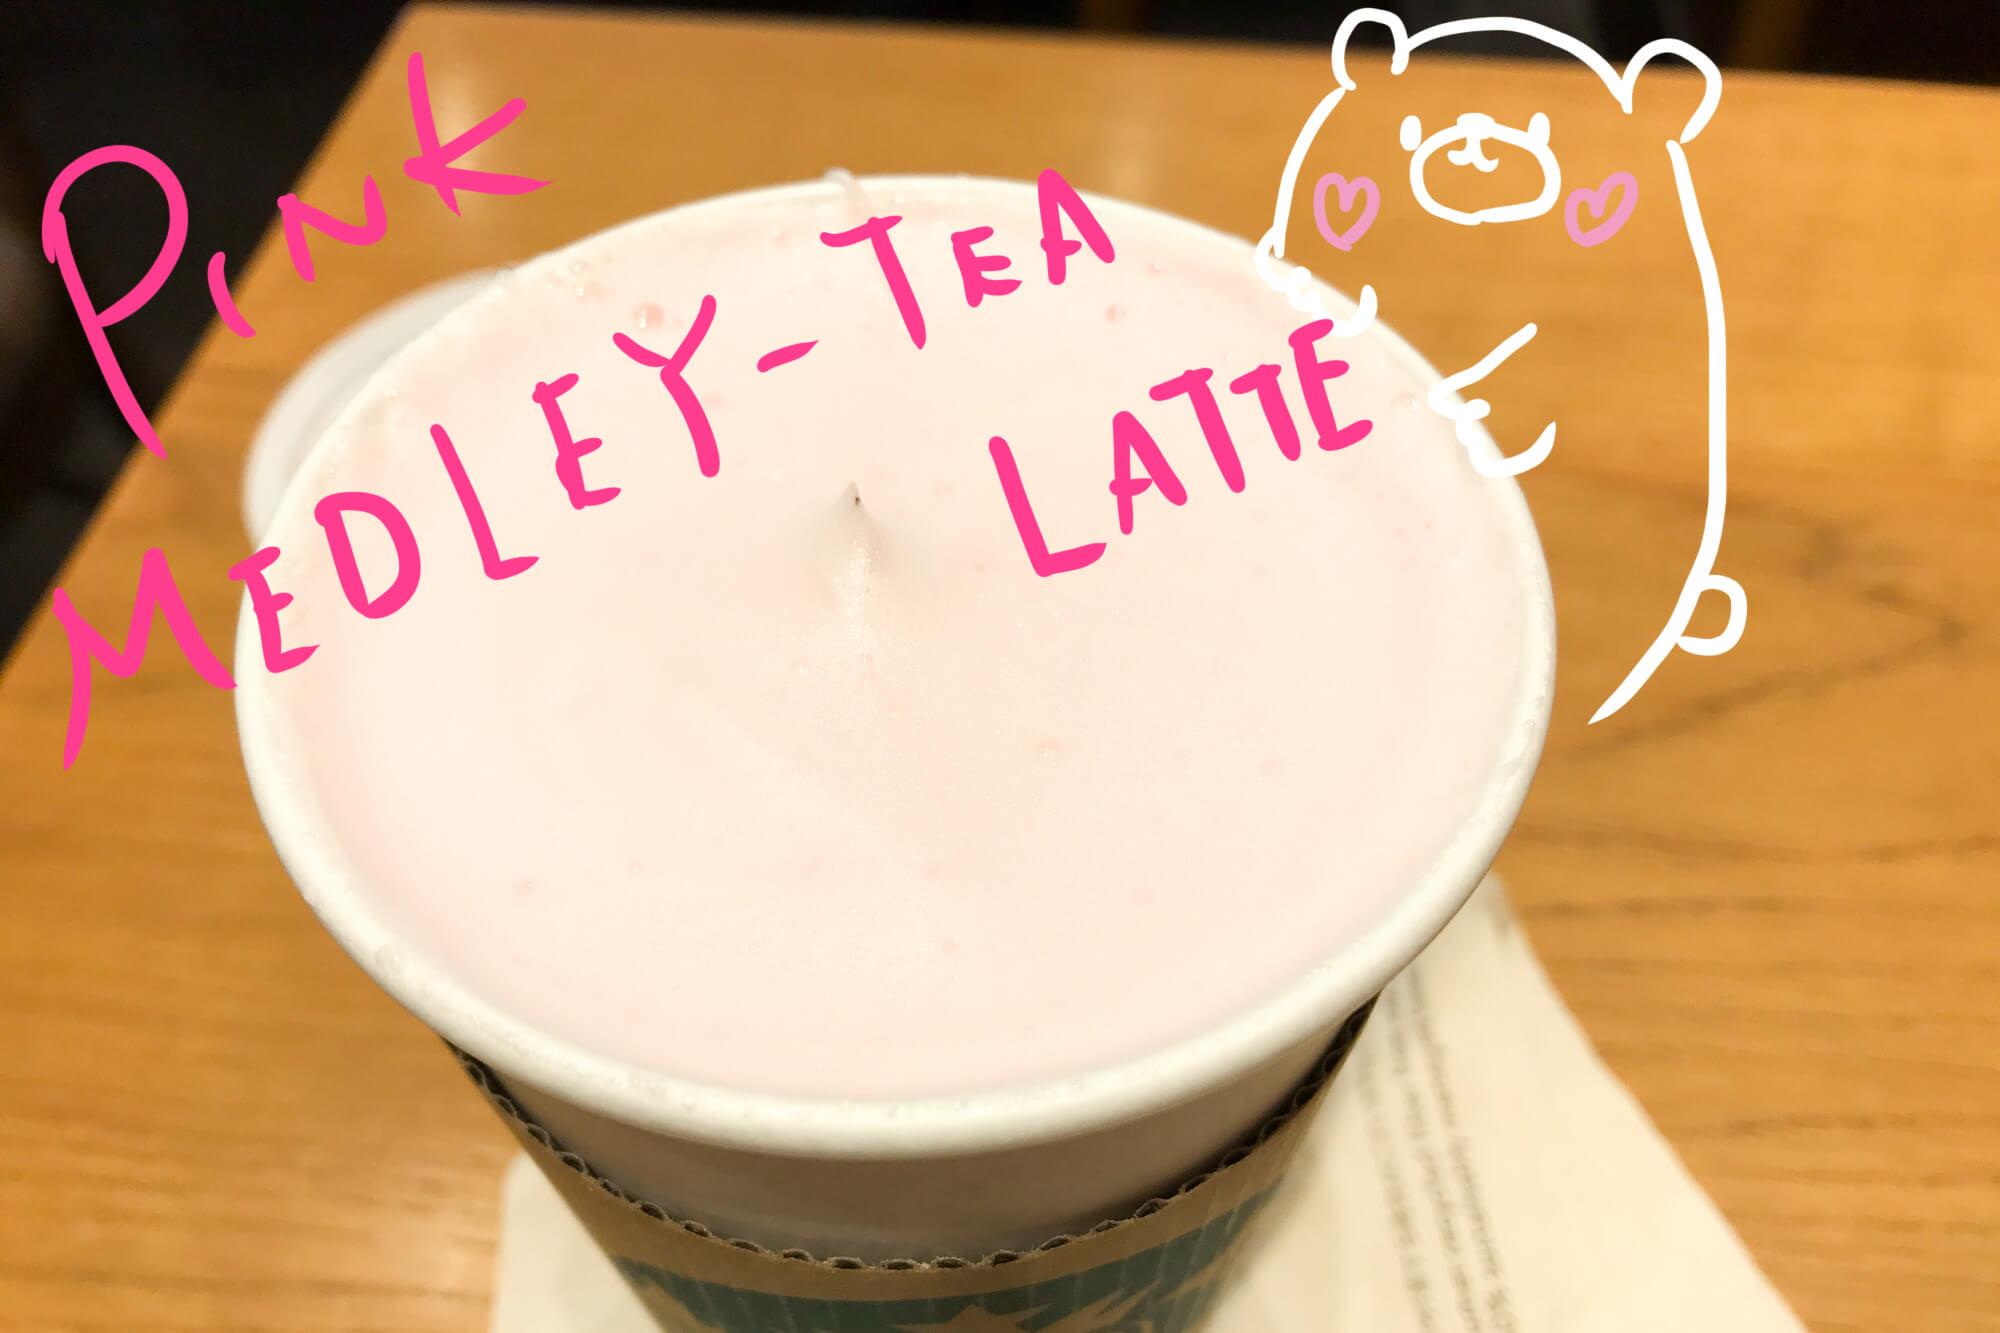 スタバのピンクメドレーティーラテ飲んでみた!甘くてフルーティなミルクティーって感じ。